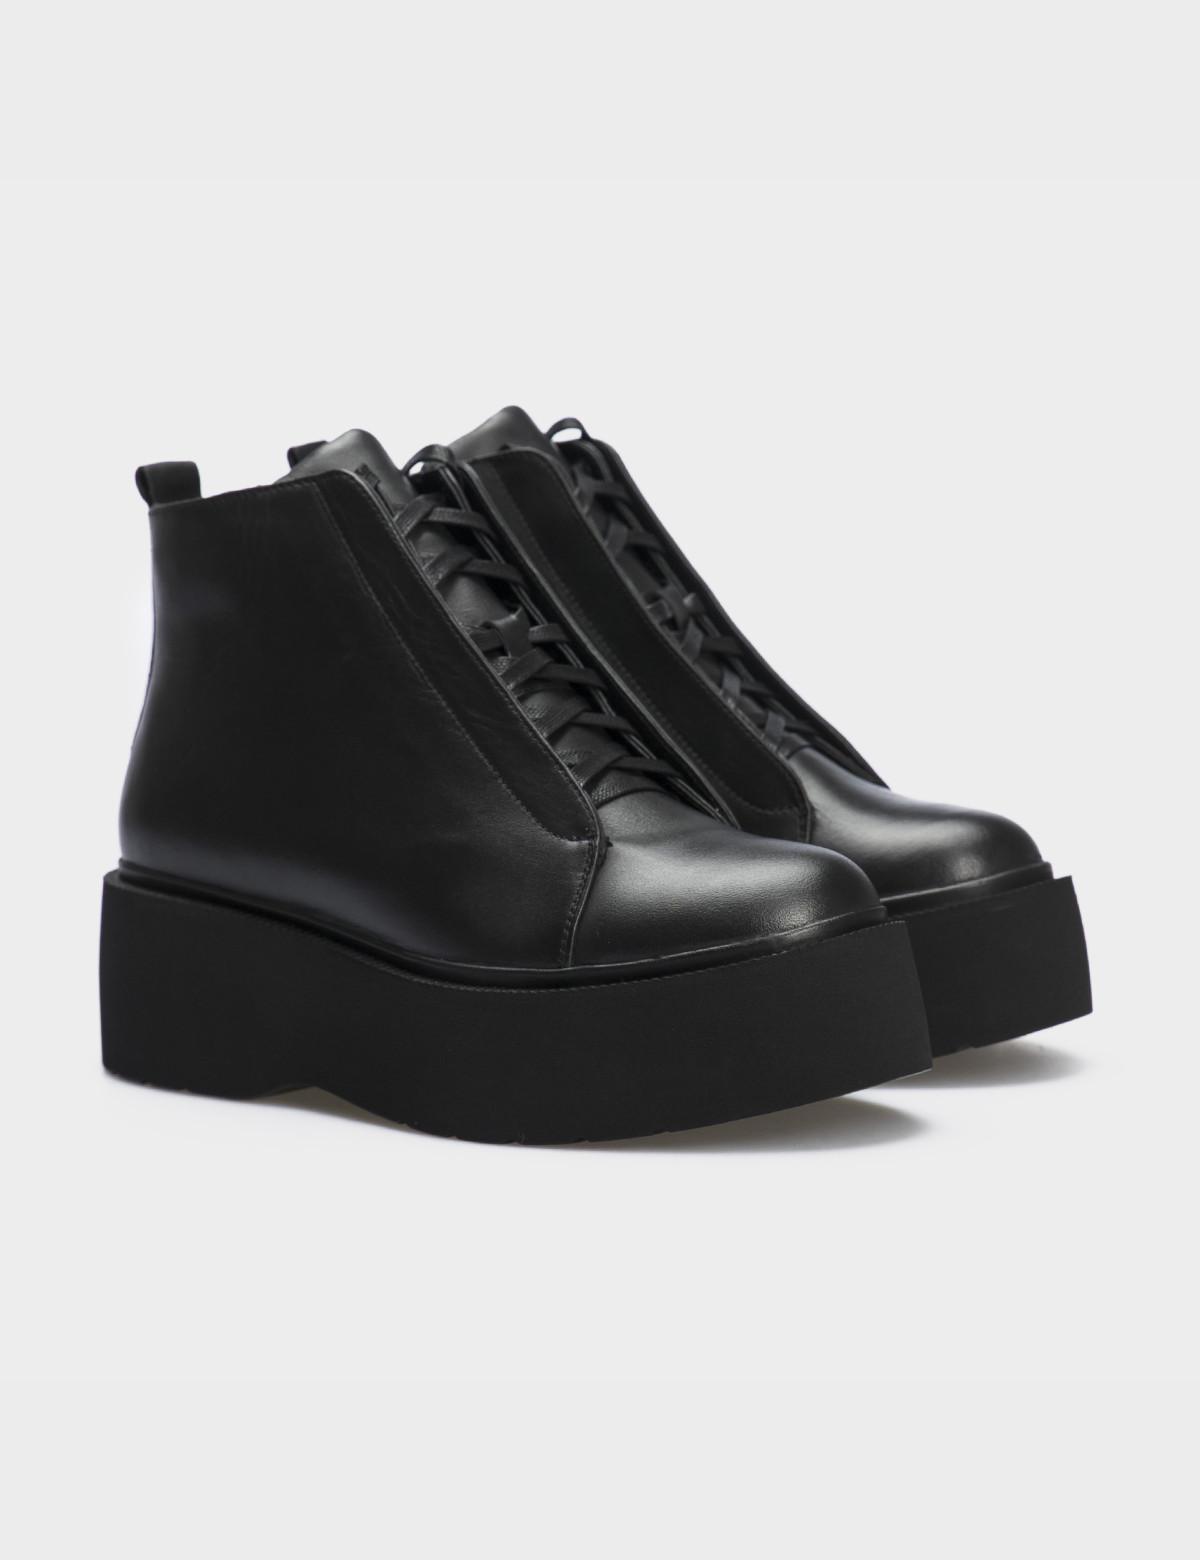 Ботинки черные натуральная кожа. Байка1